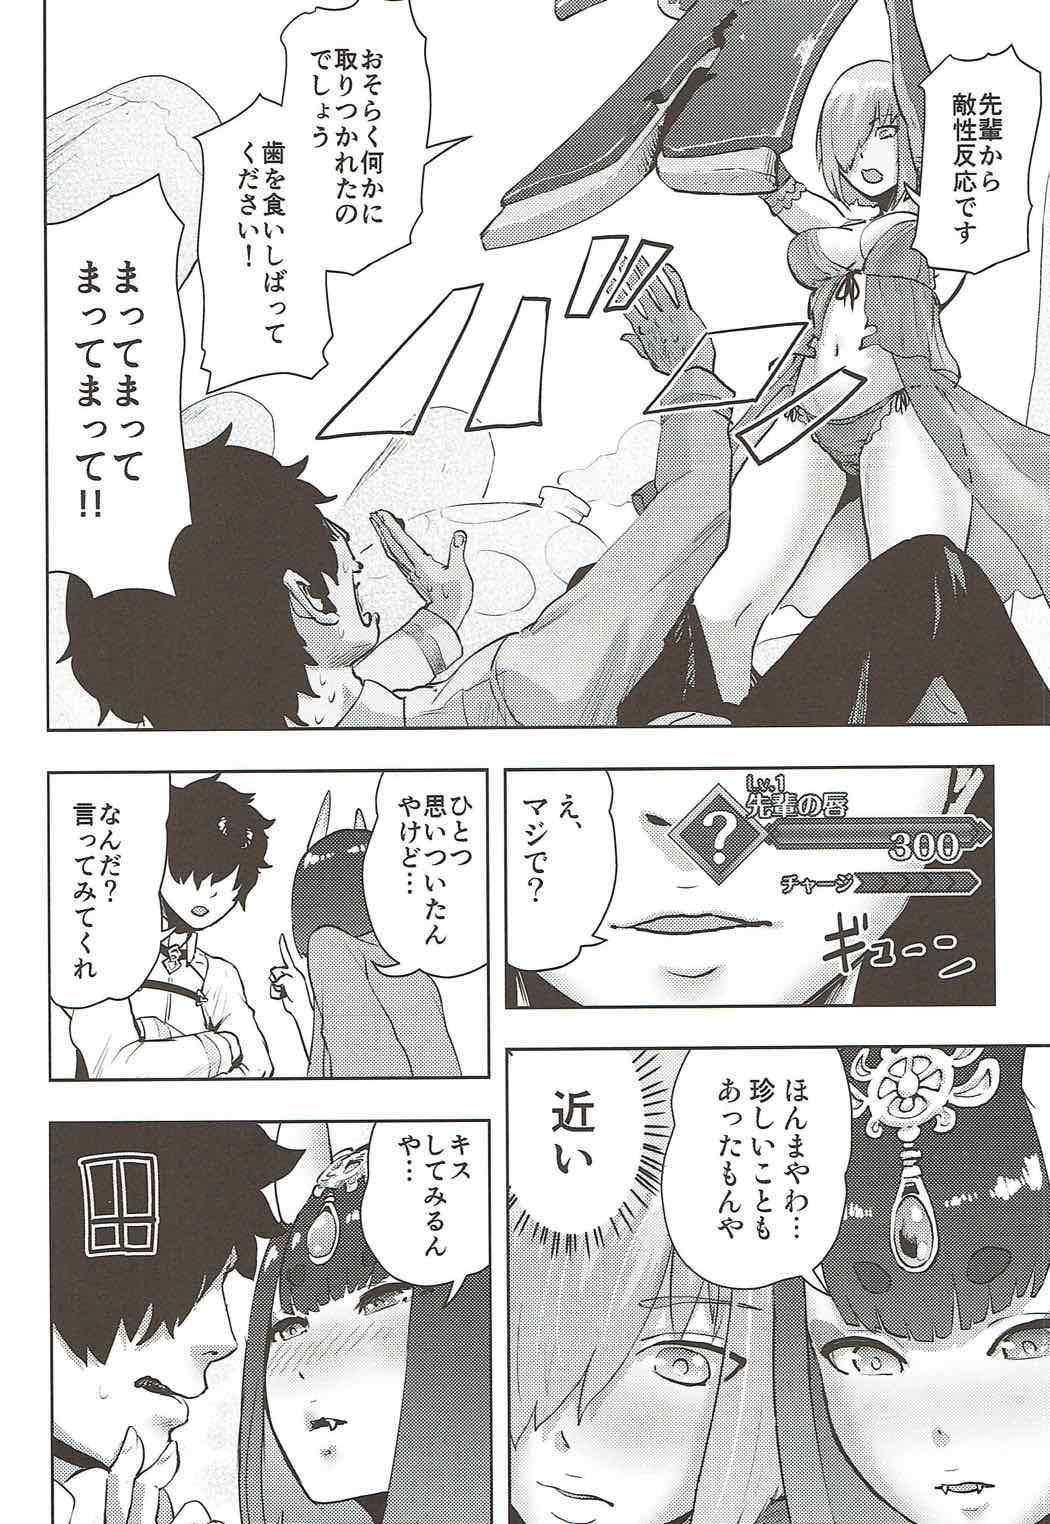 Mash to Ecchi na Tanebi Quest 8